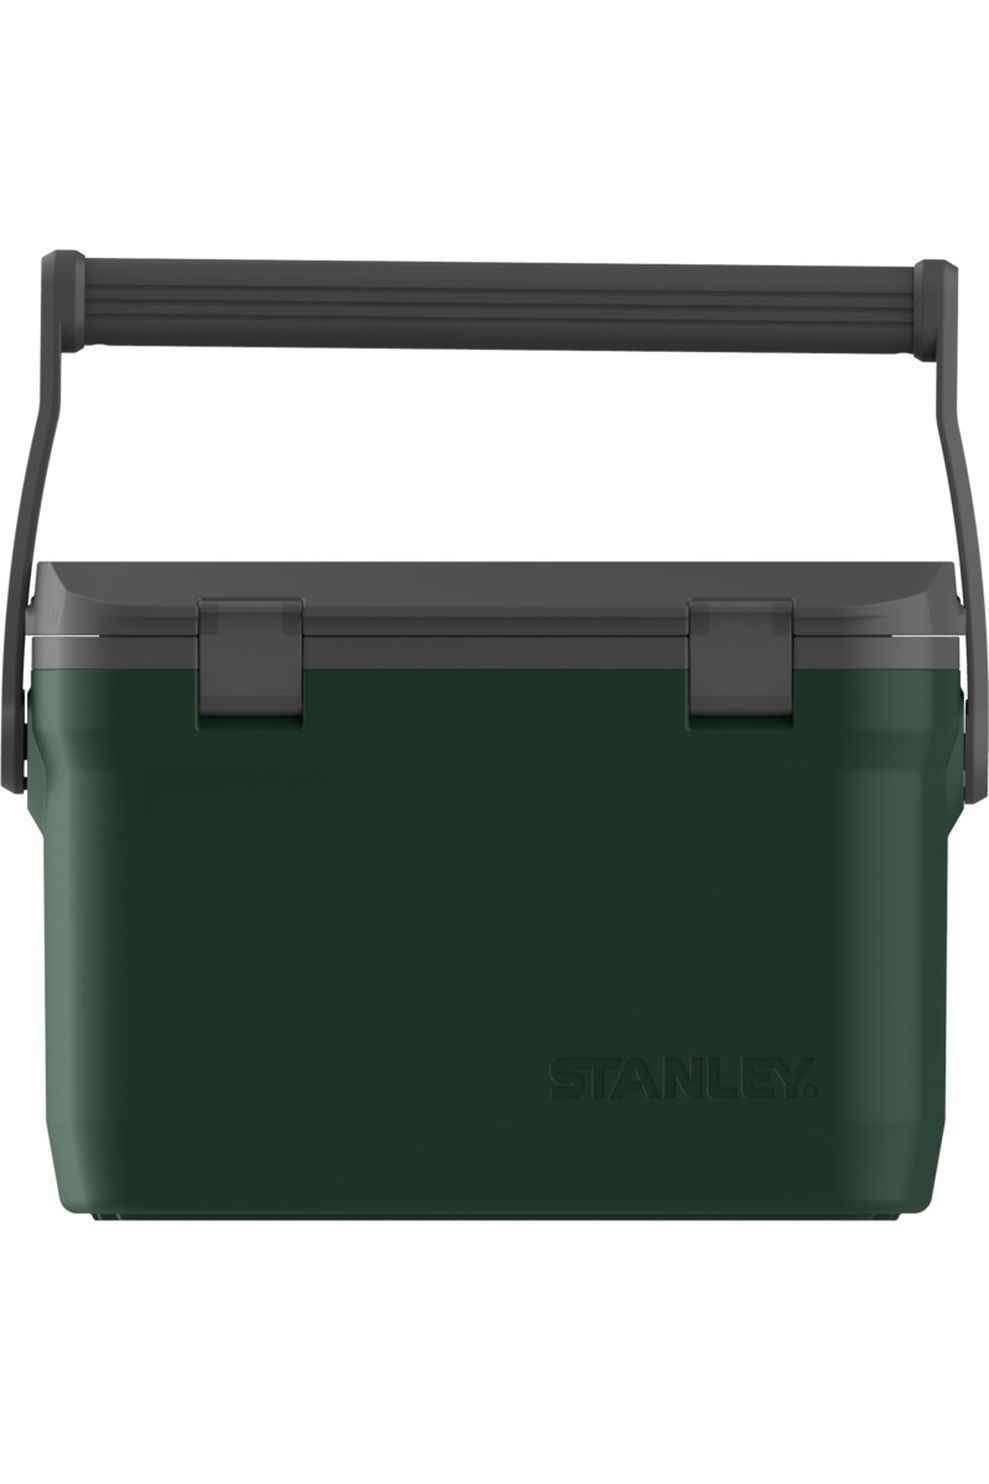 Stanley Koelbox Adventure Lunch Cooler 15,1L - Groen